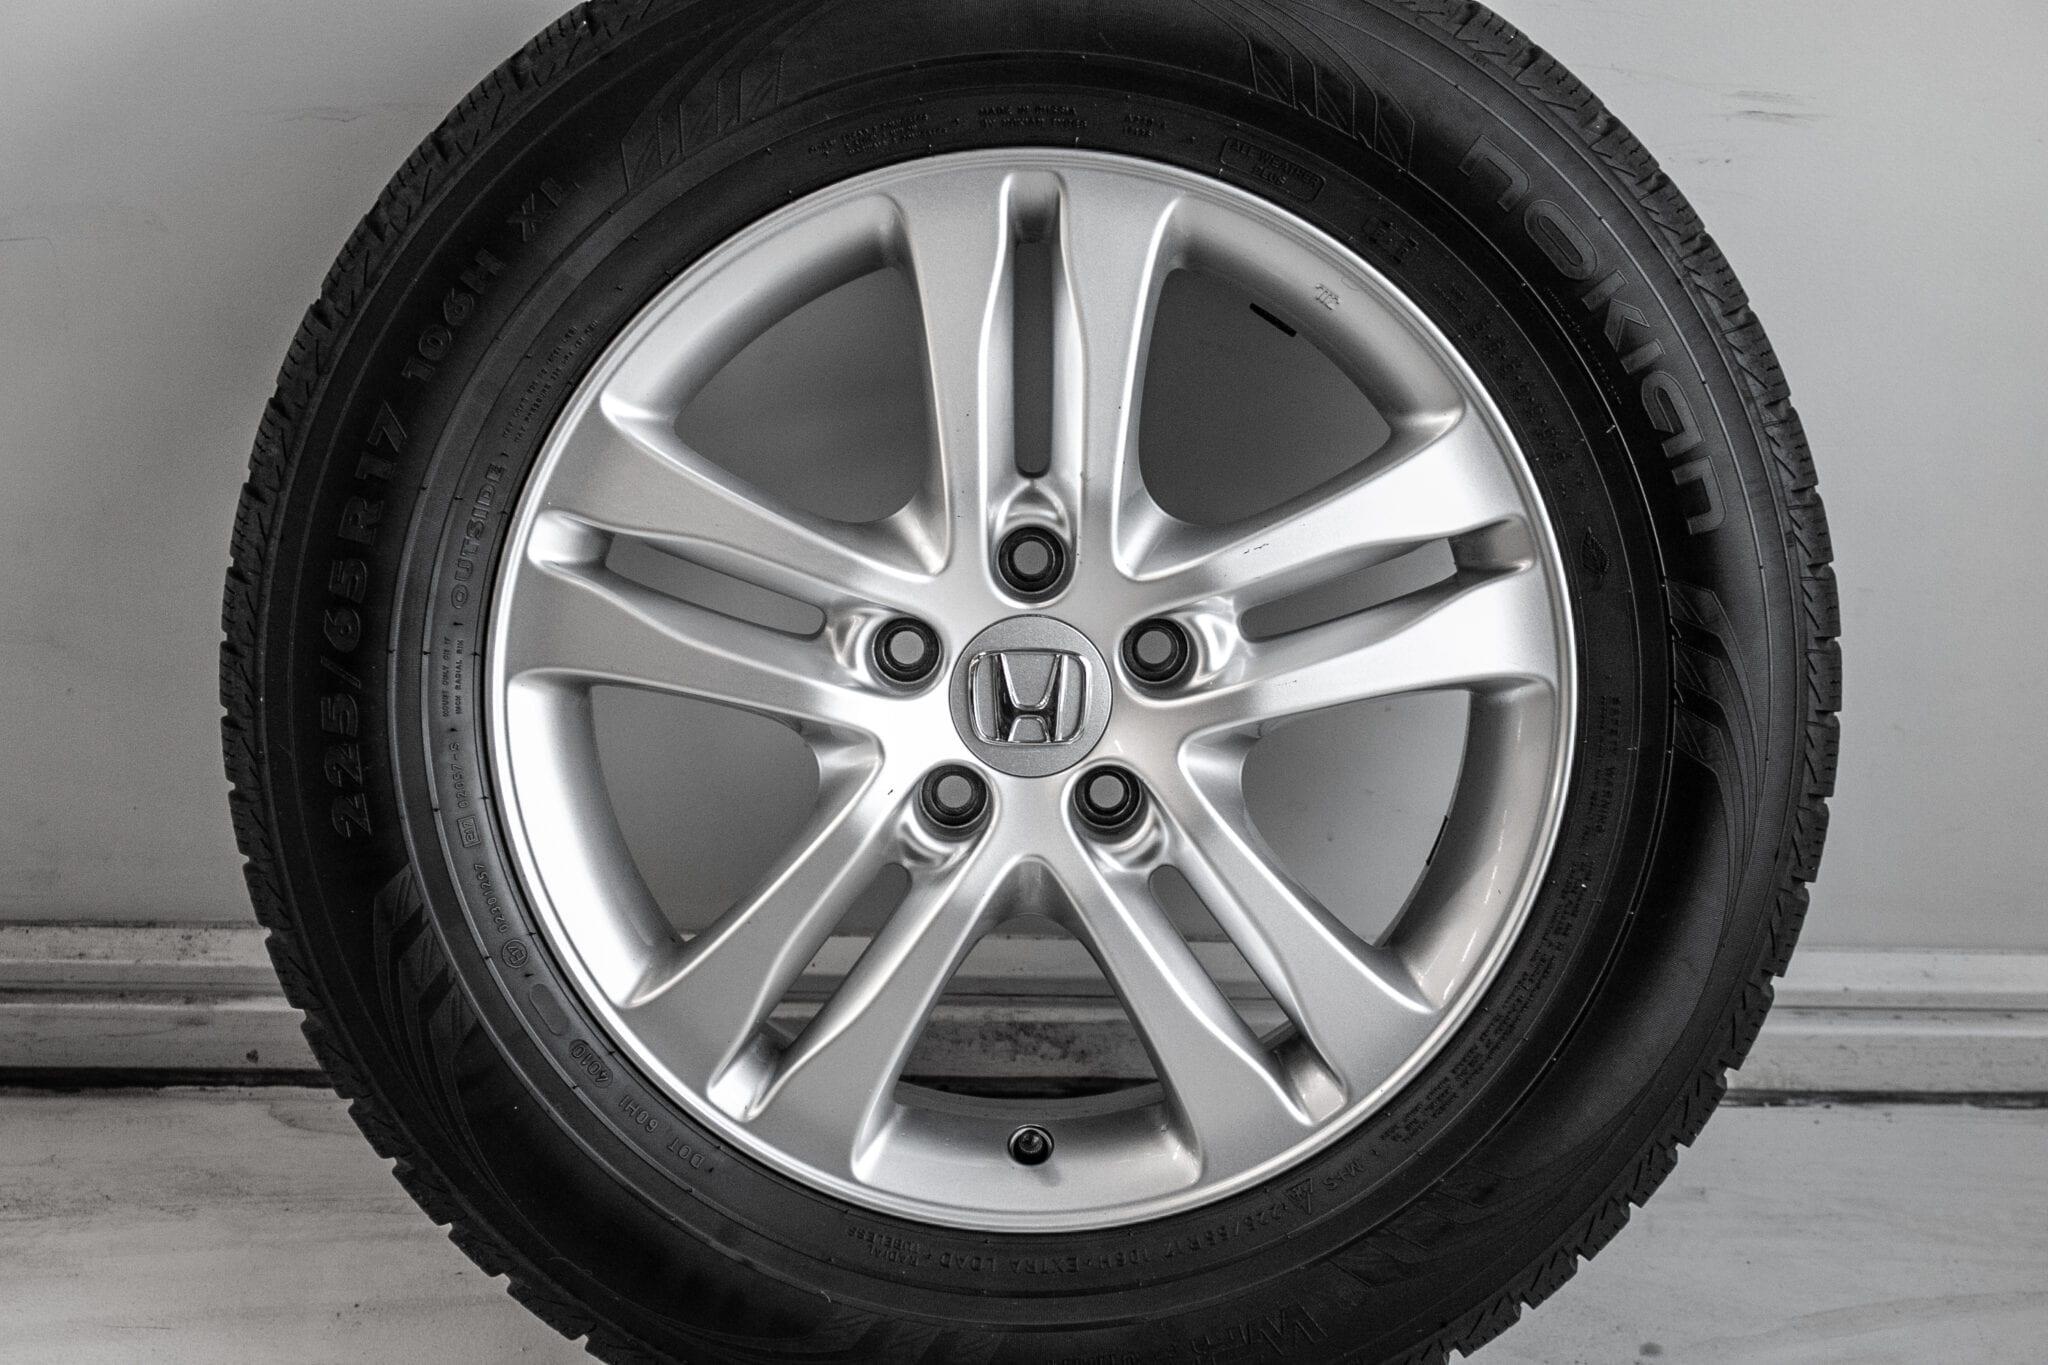 """17"""" Winterwielen voor de Honda CR-V ('07-'17) €399,- Gebruikt. Profieldiepte: 5.0mm - 5.5mm"""